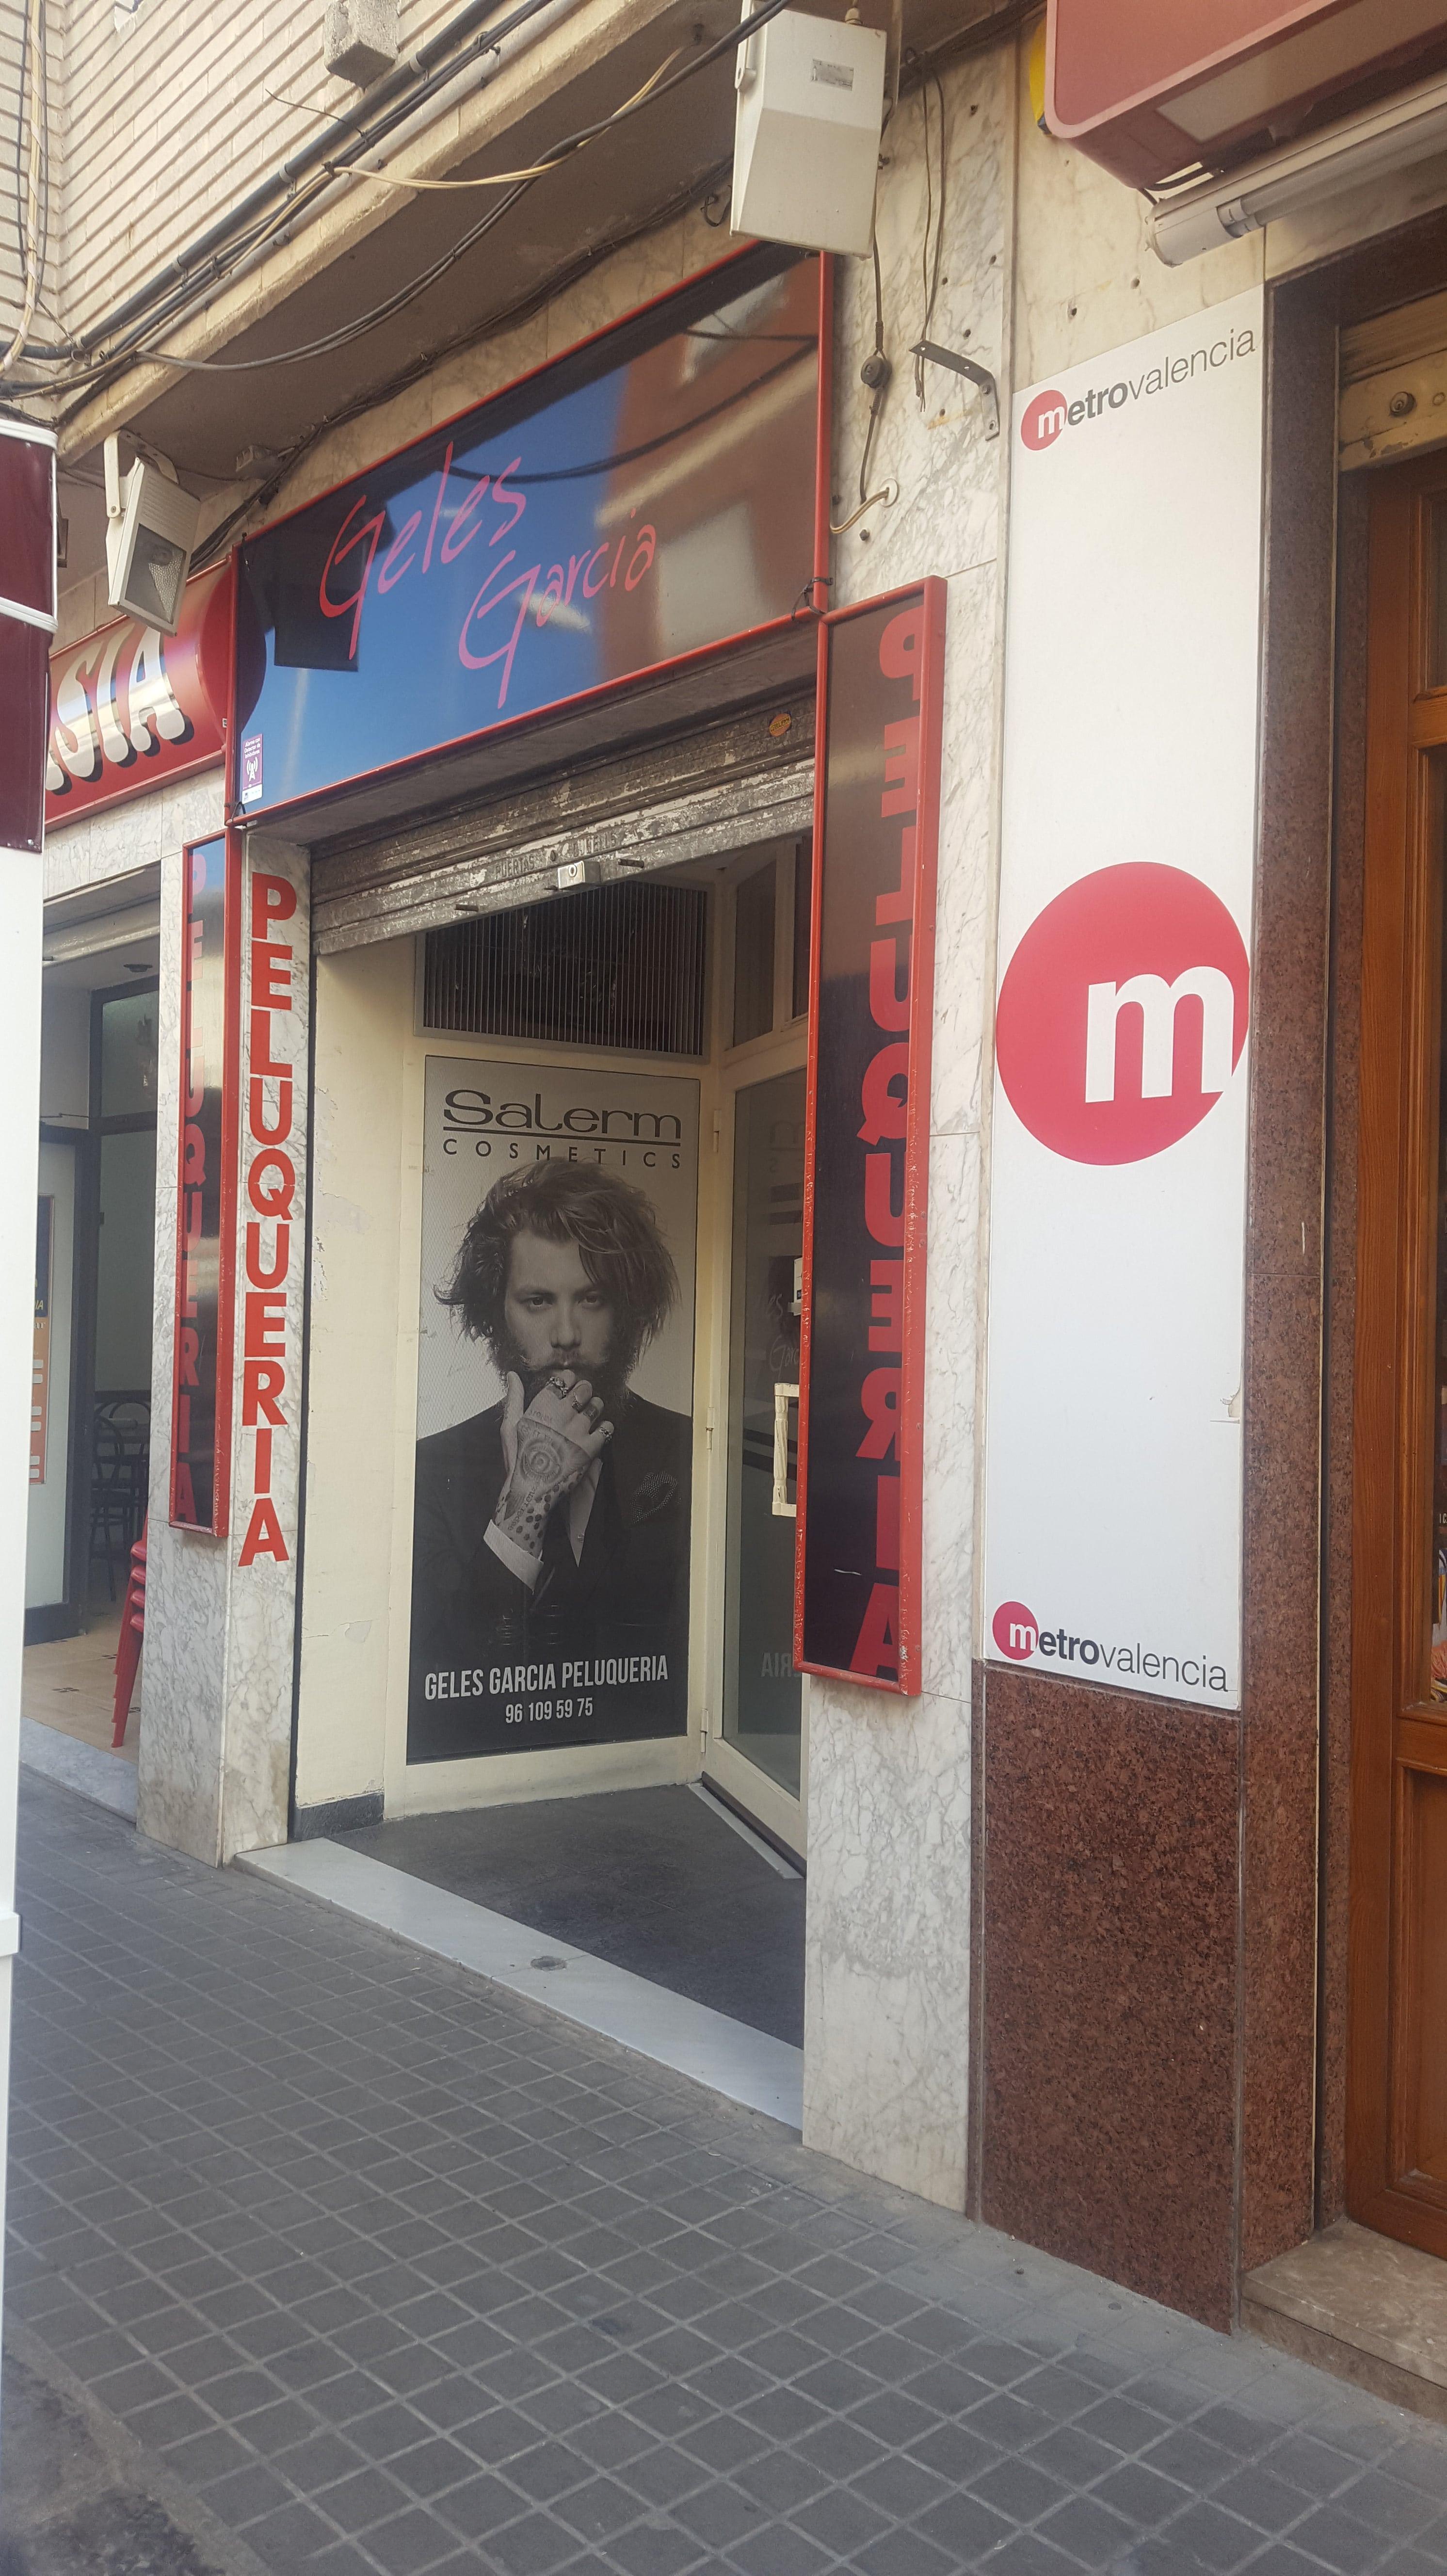 Geles García